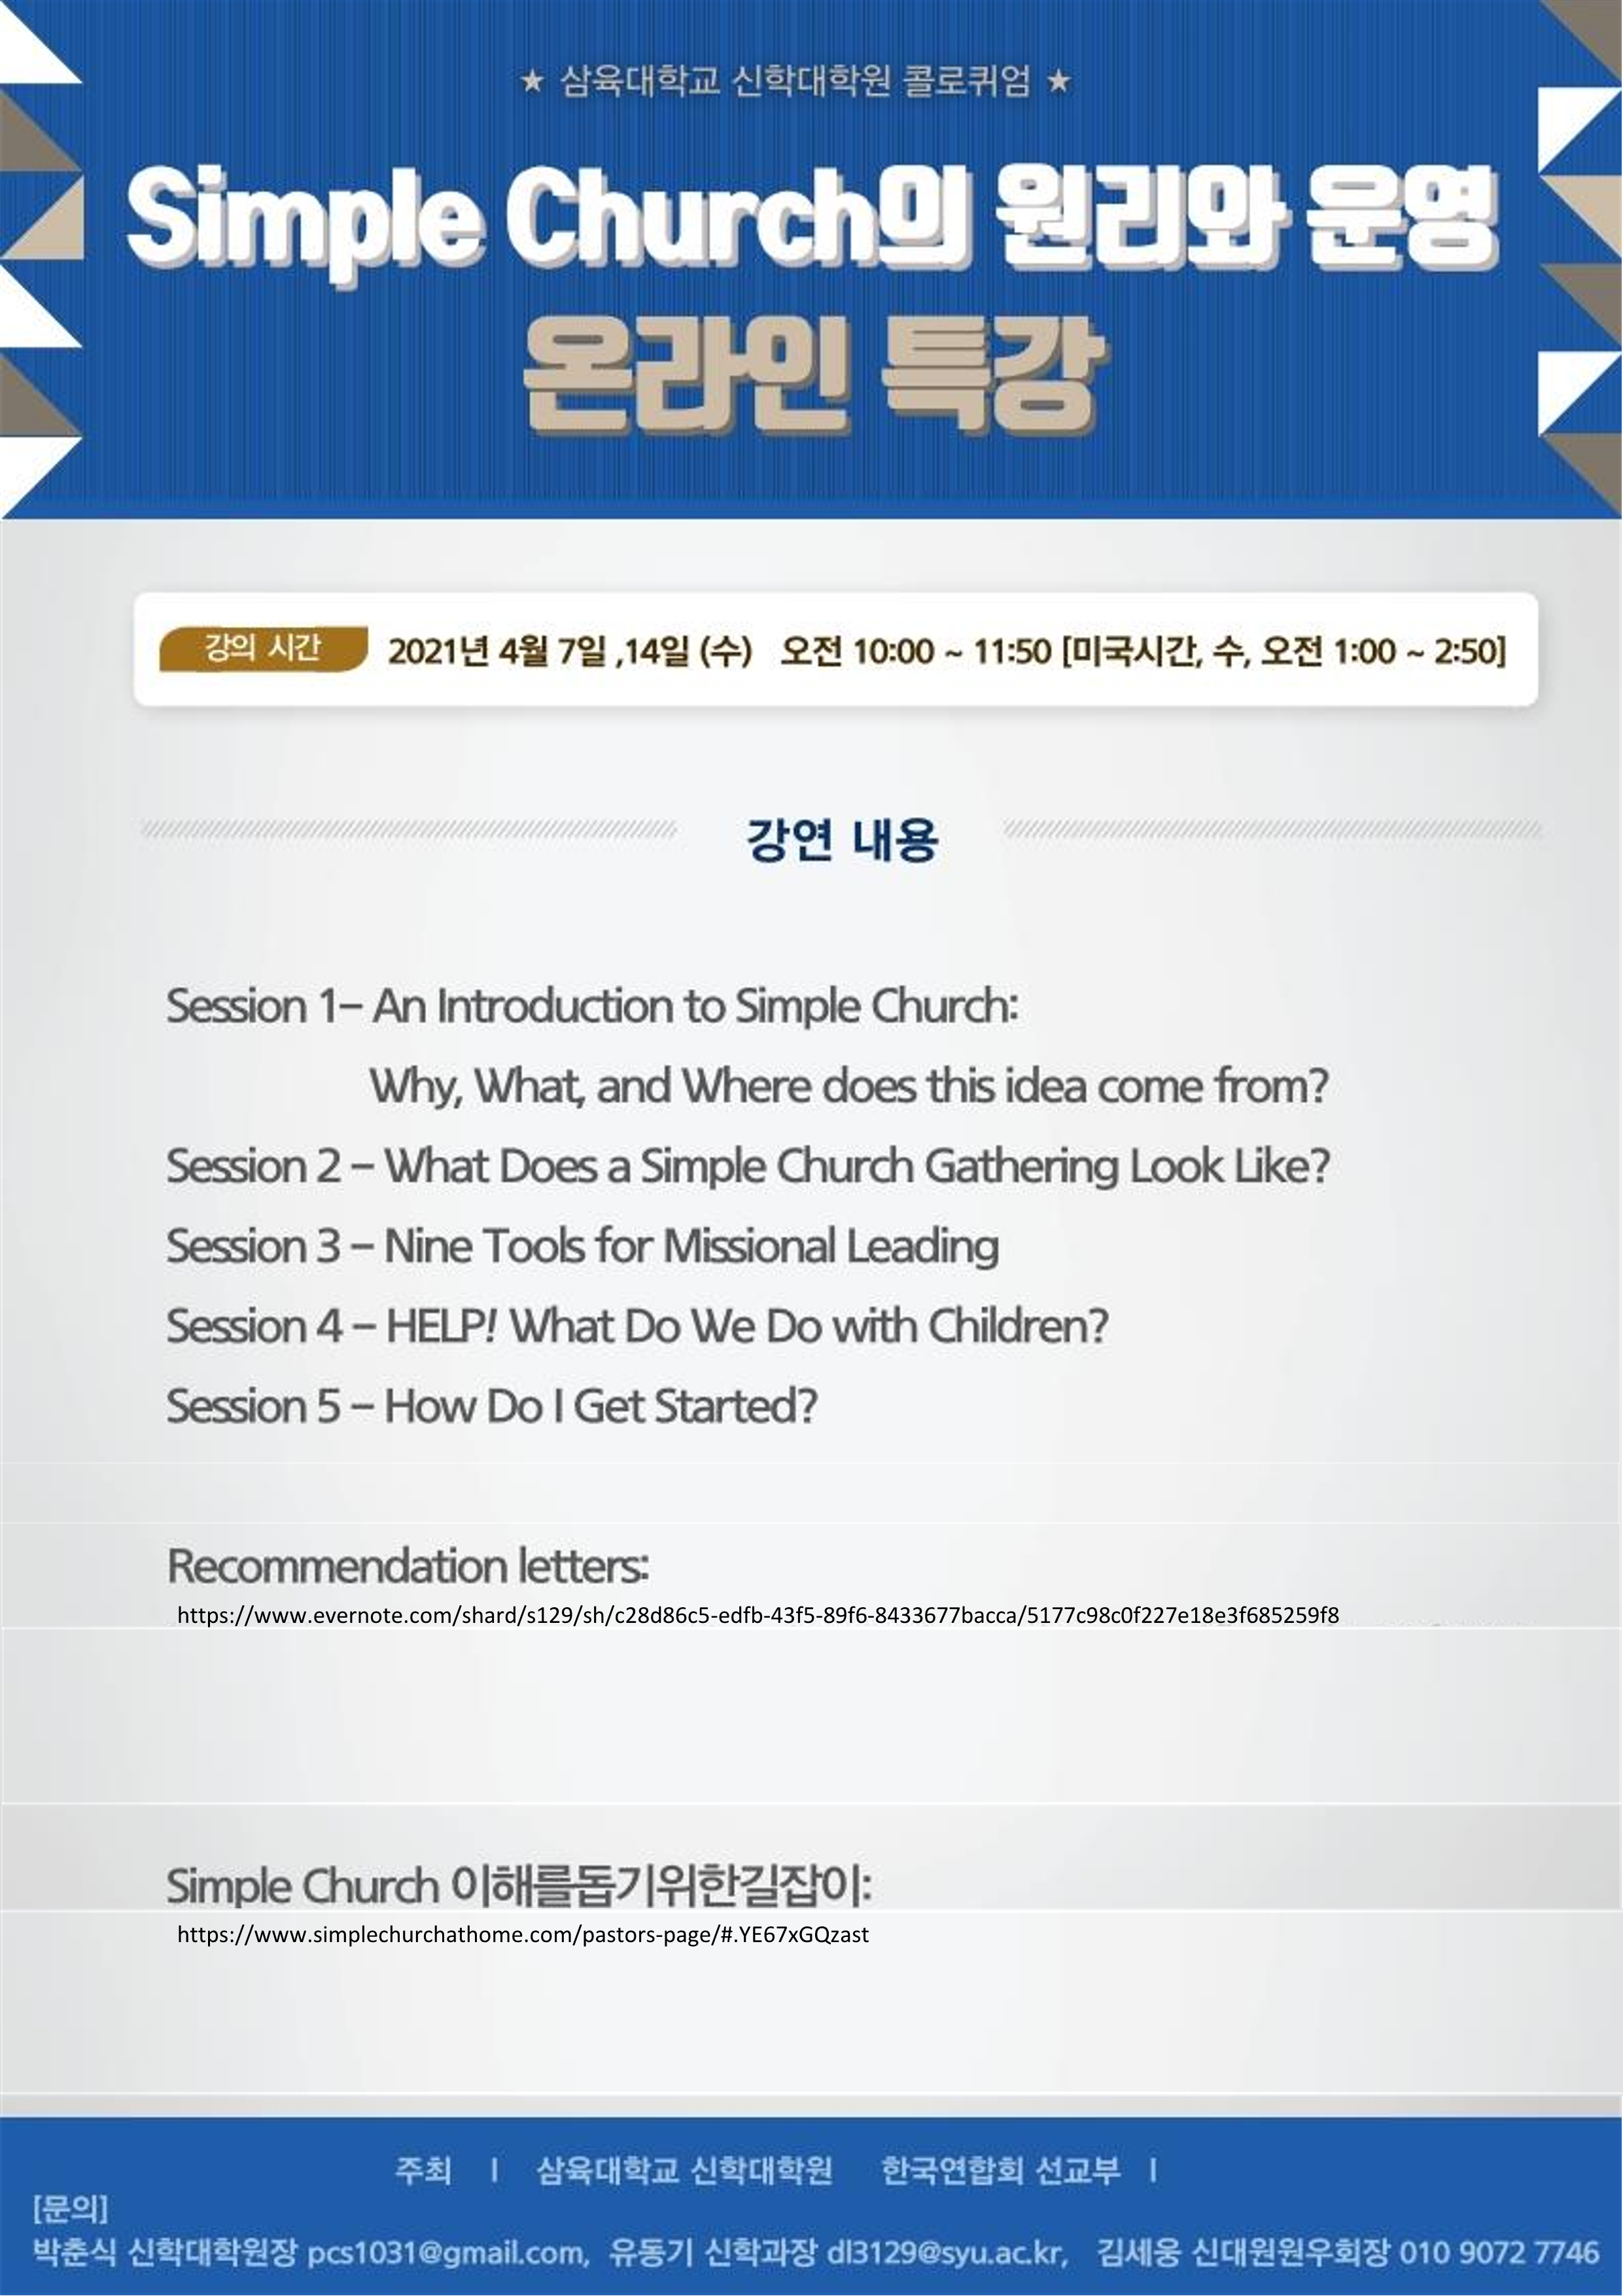 신대원콜로퀴엄 밀톤 아담스 Simple Church 안내문(배포용)_2.png